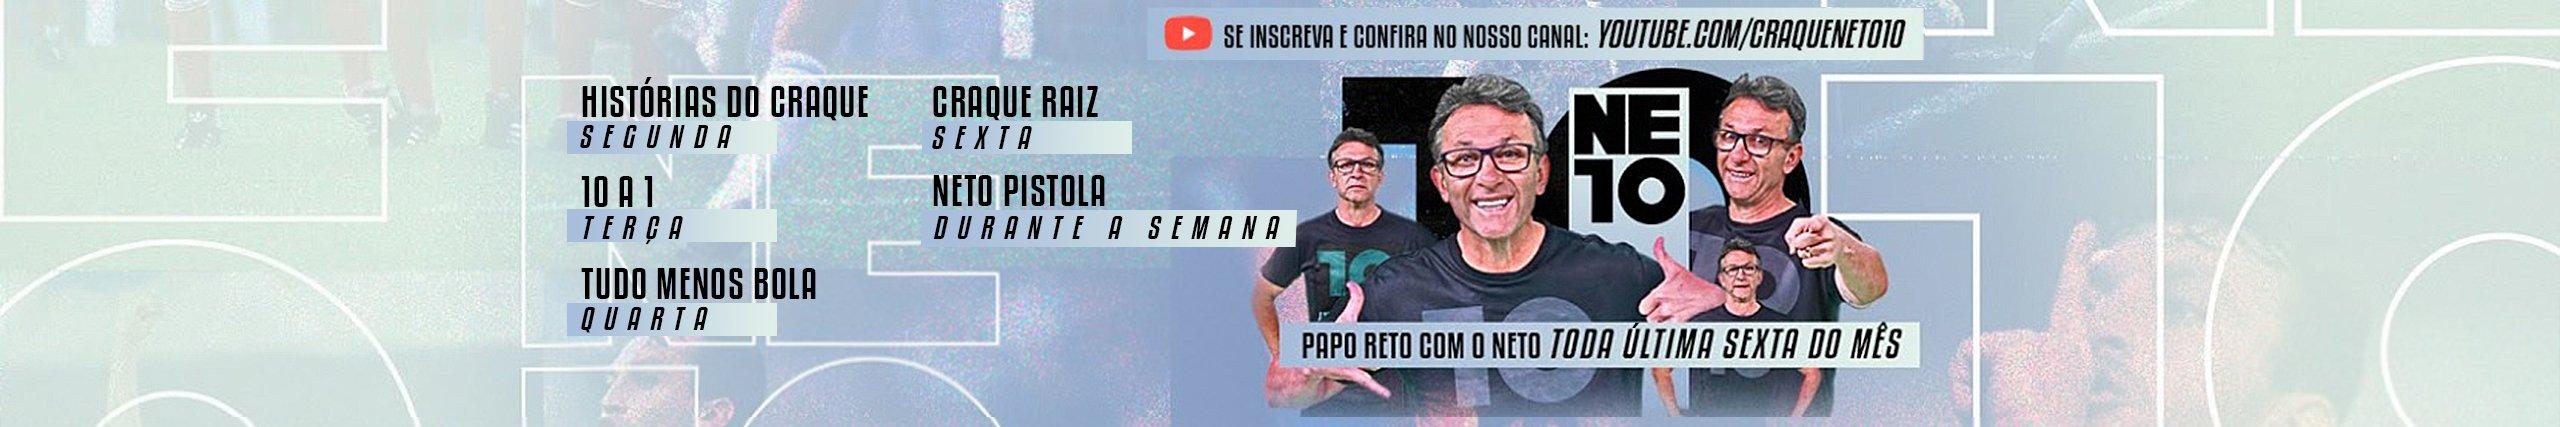 Craque Neto 10